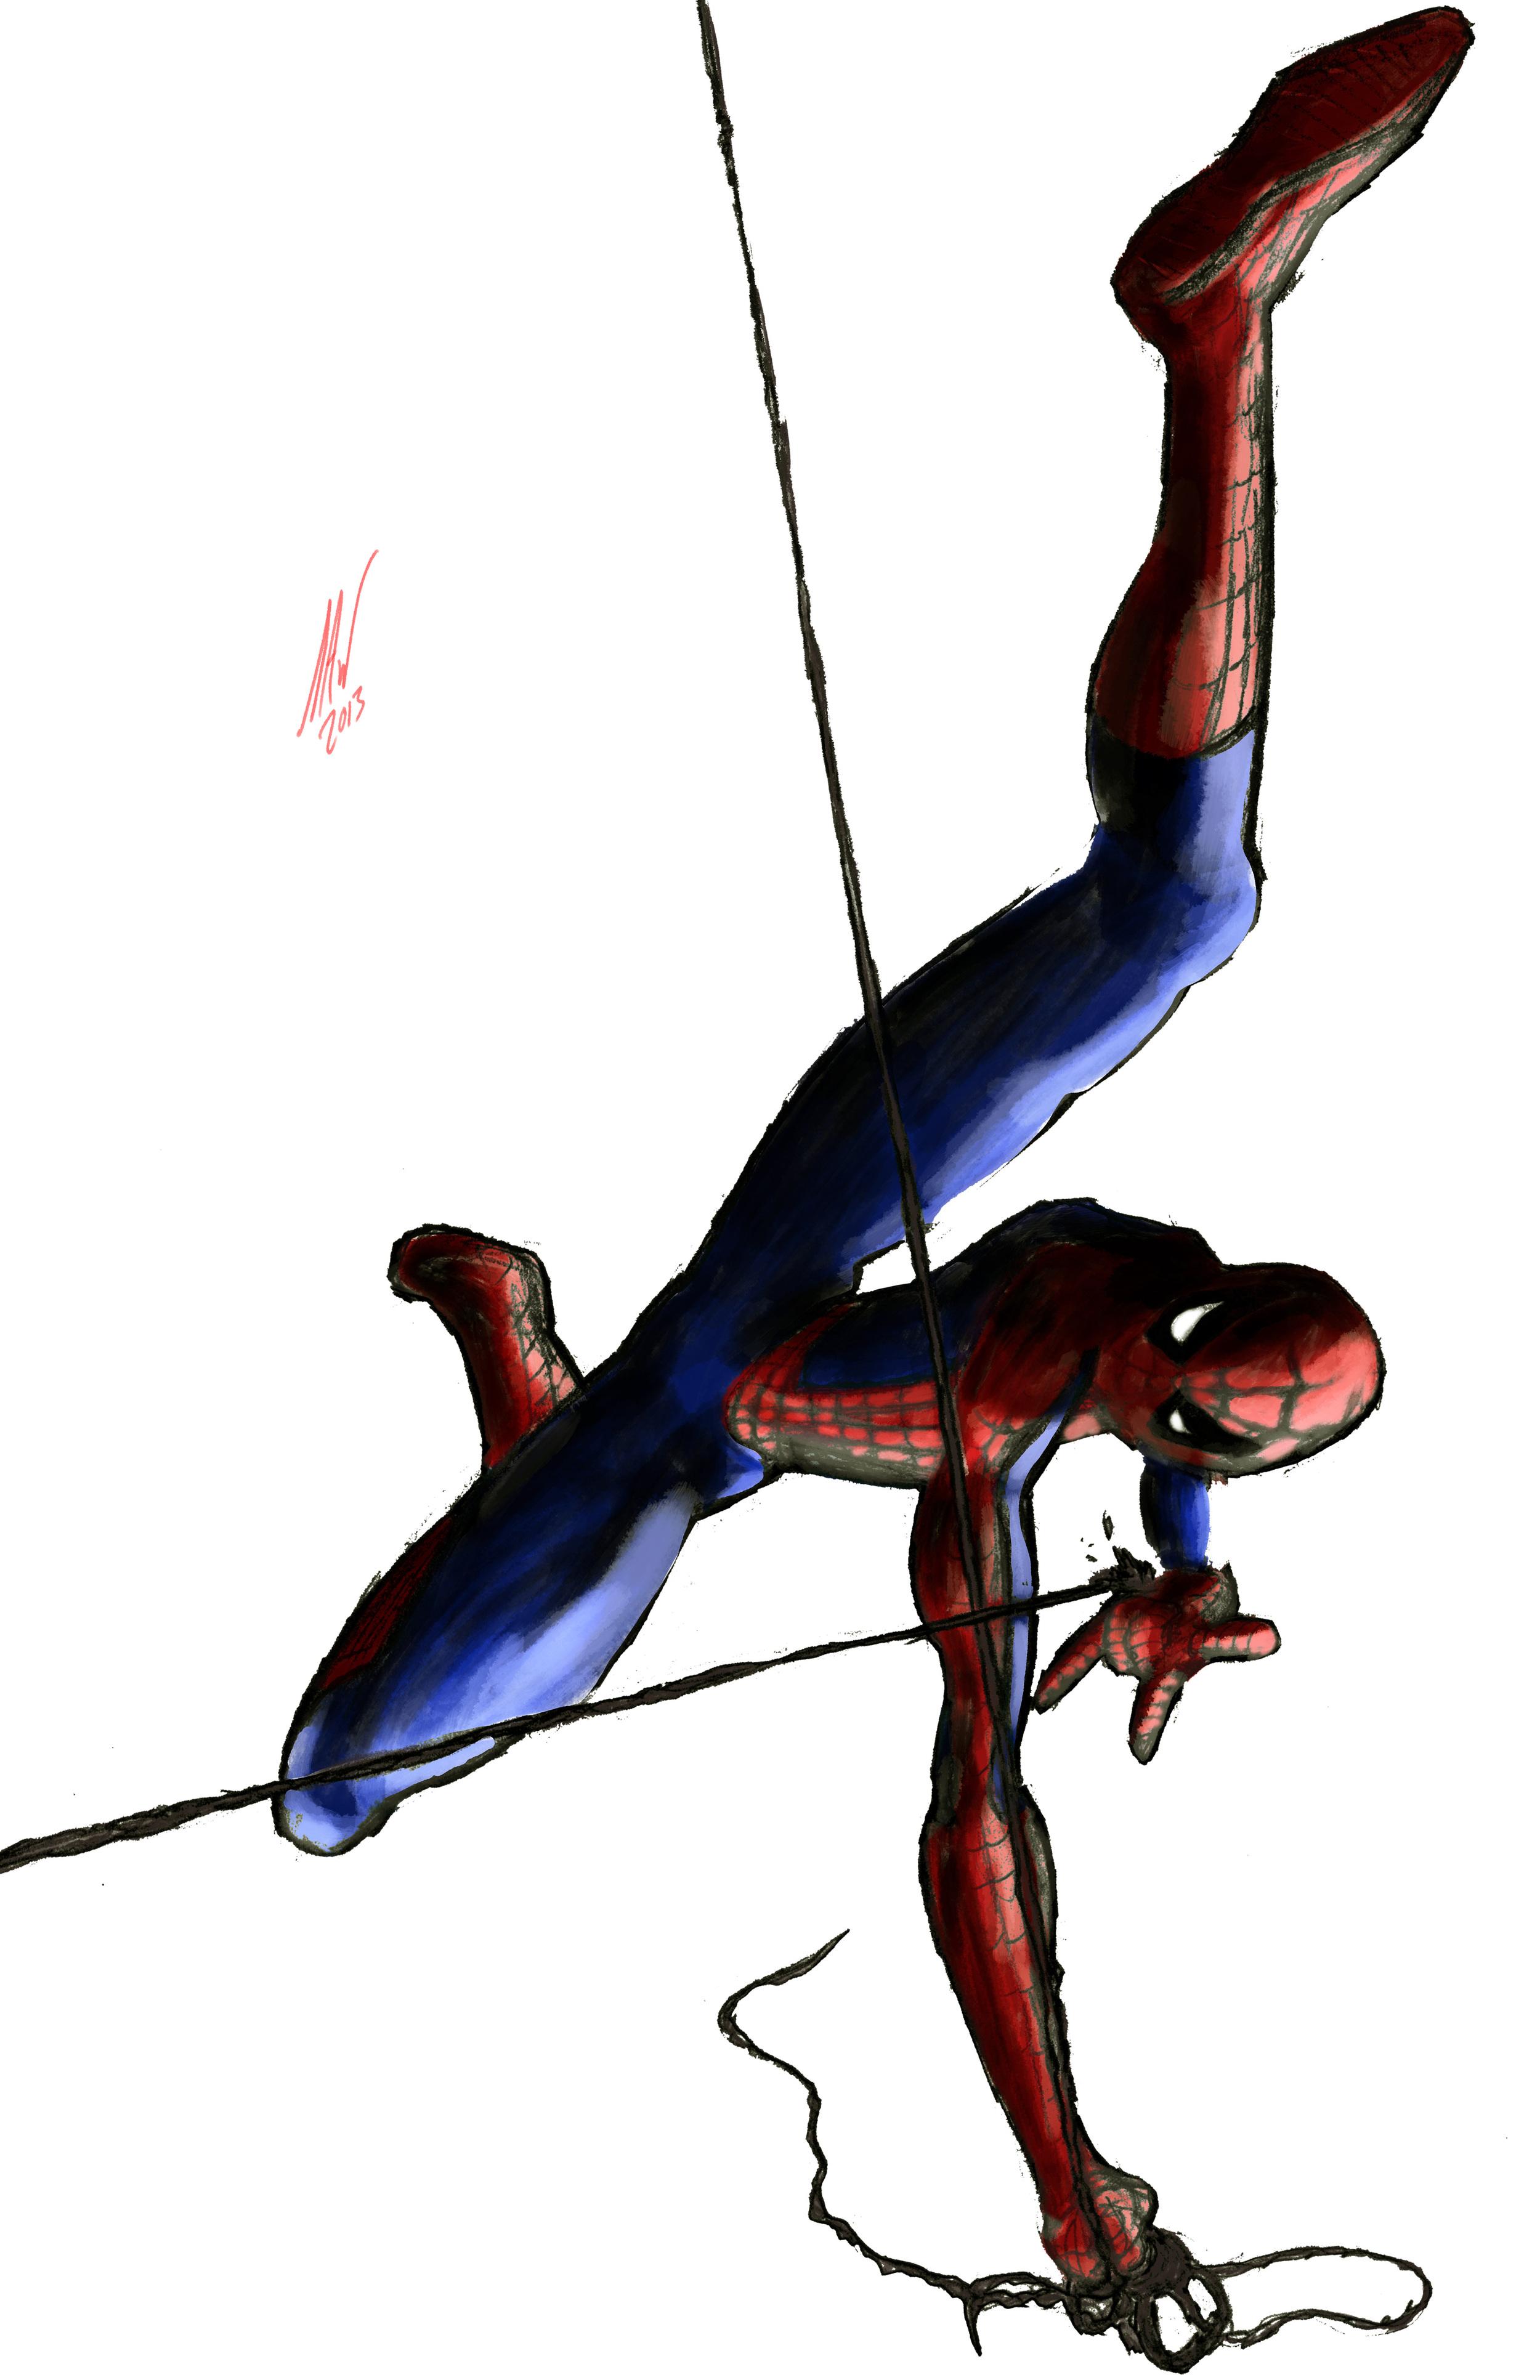 Spiderman-Thwipt 11x17.jpg